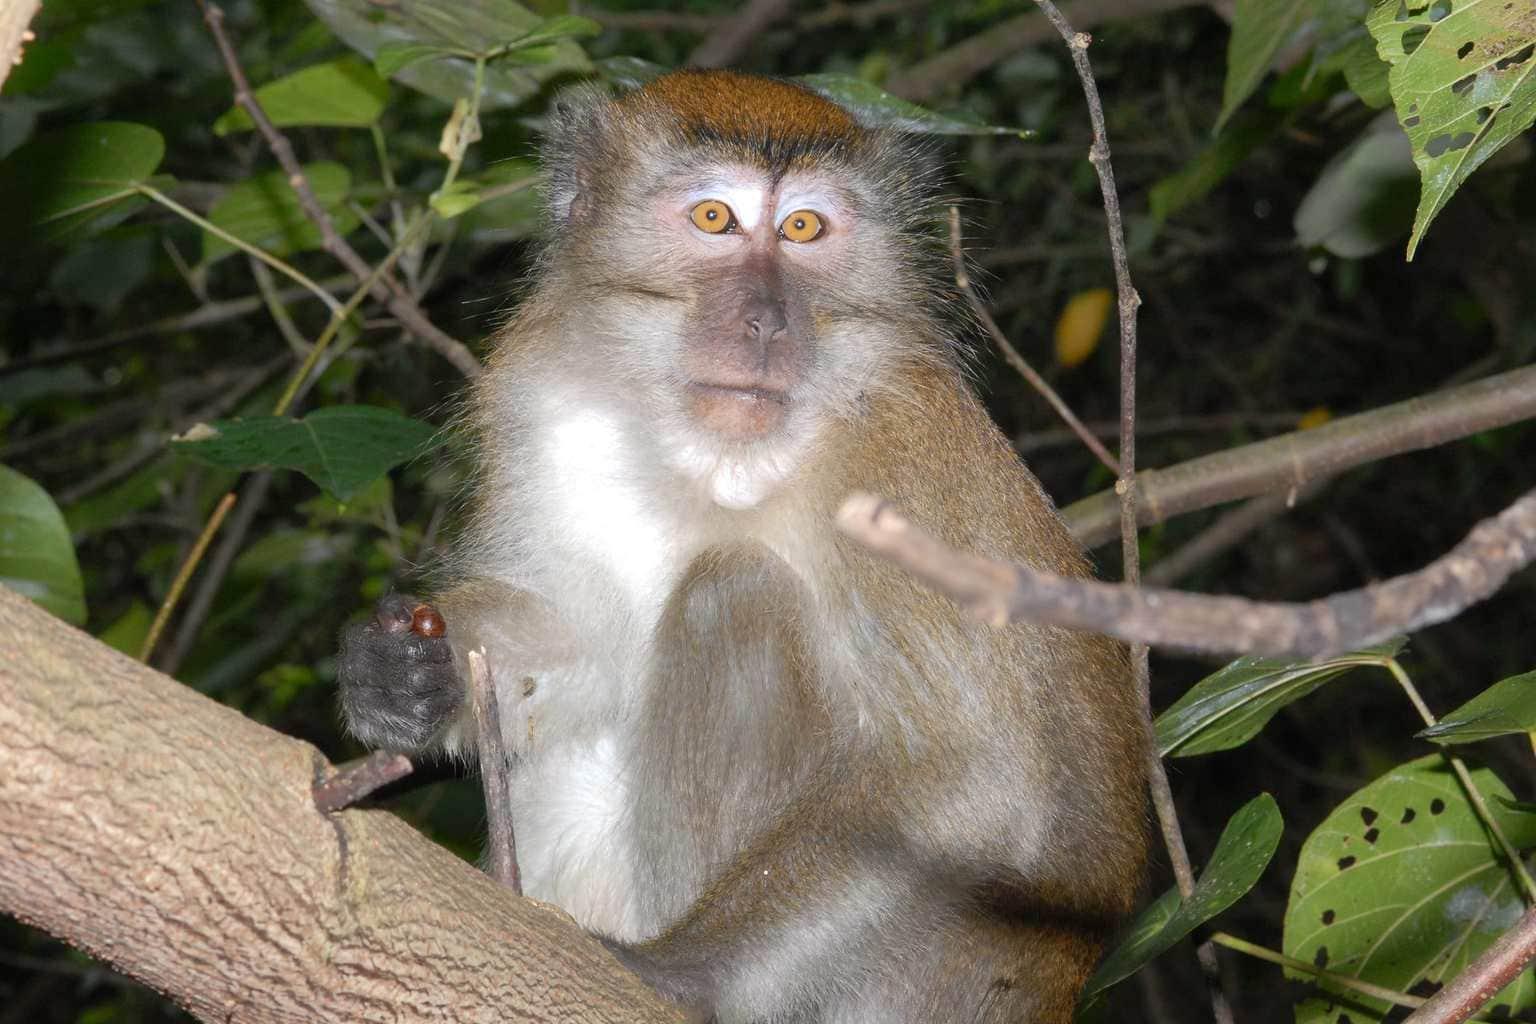 Monkey in Chek Jawa